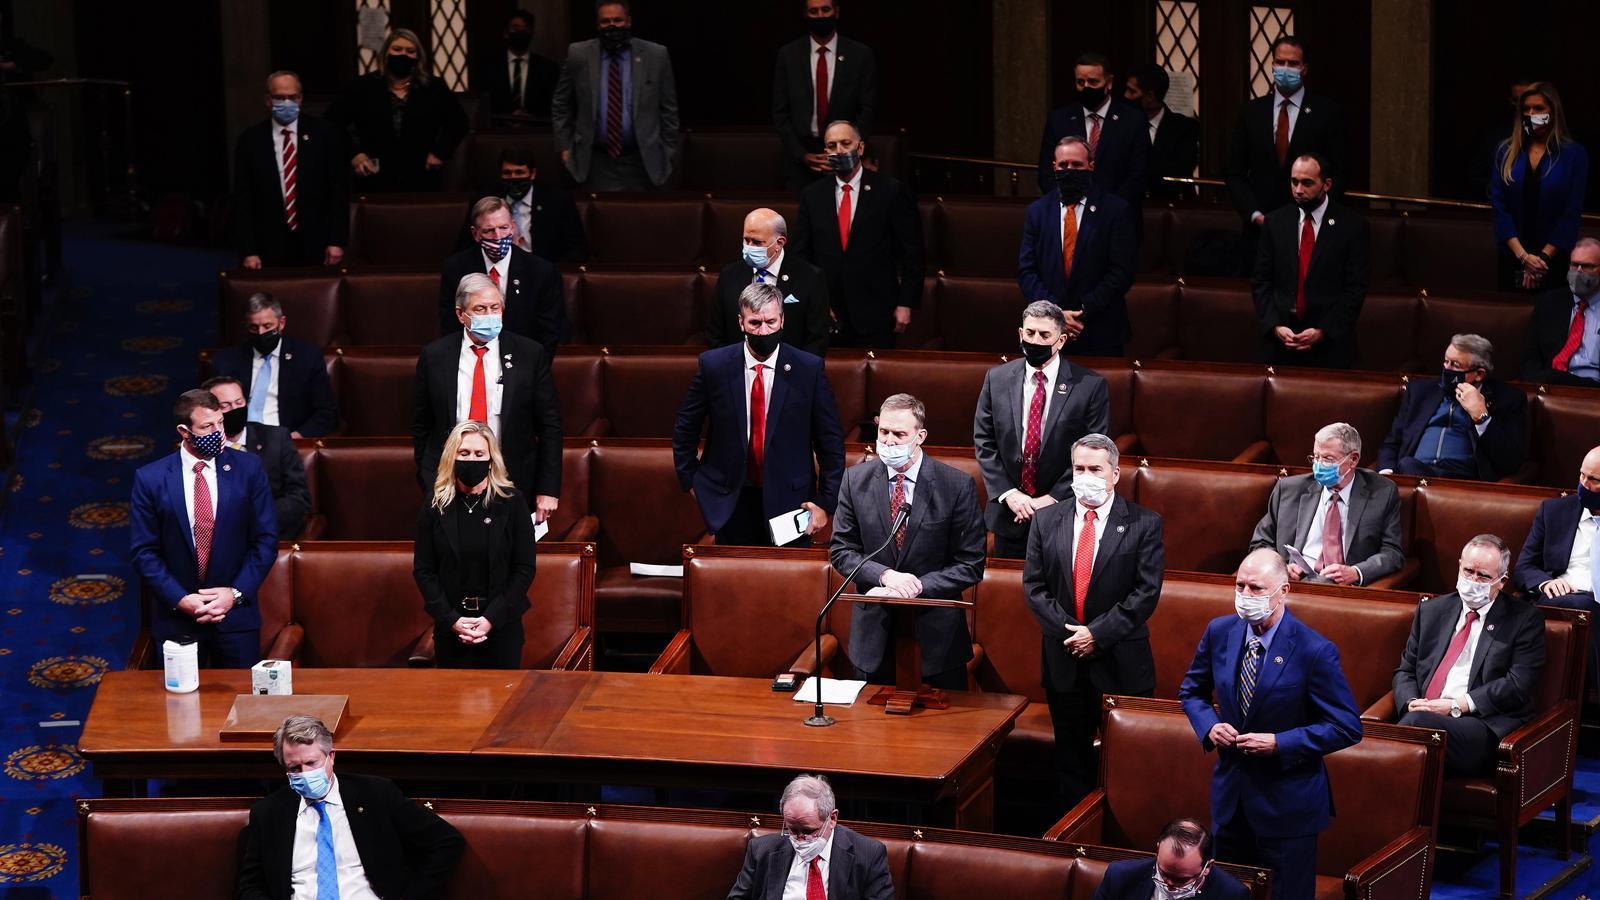 EN DIRECTE | La sessió al Congrés dels EUA